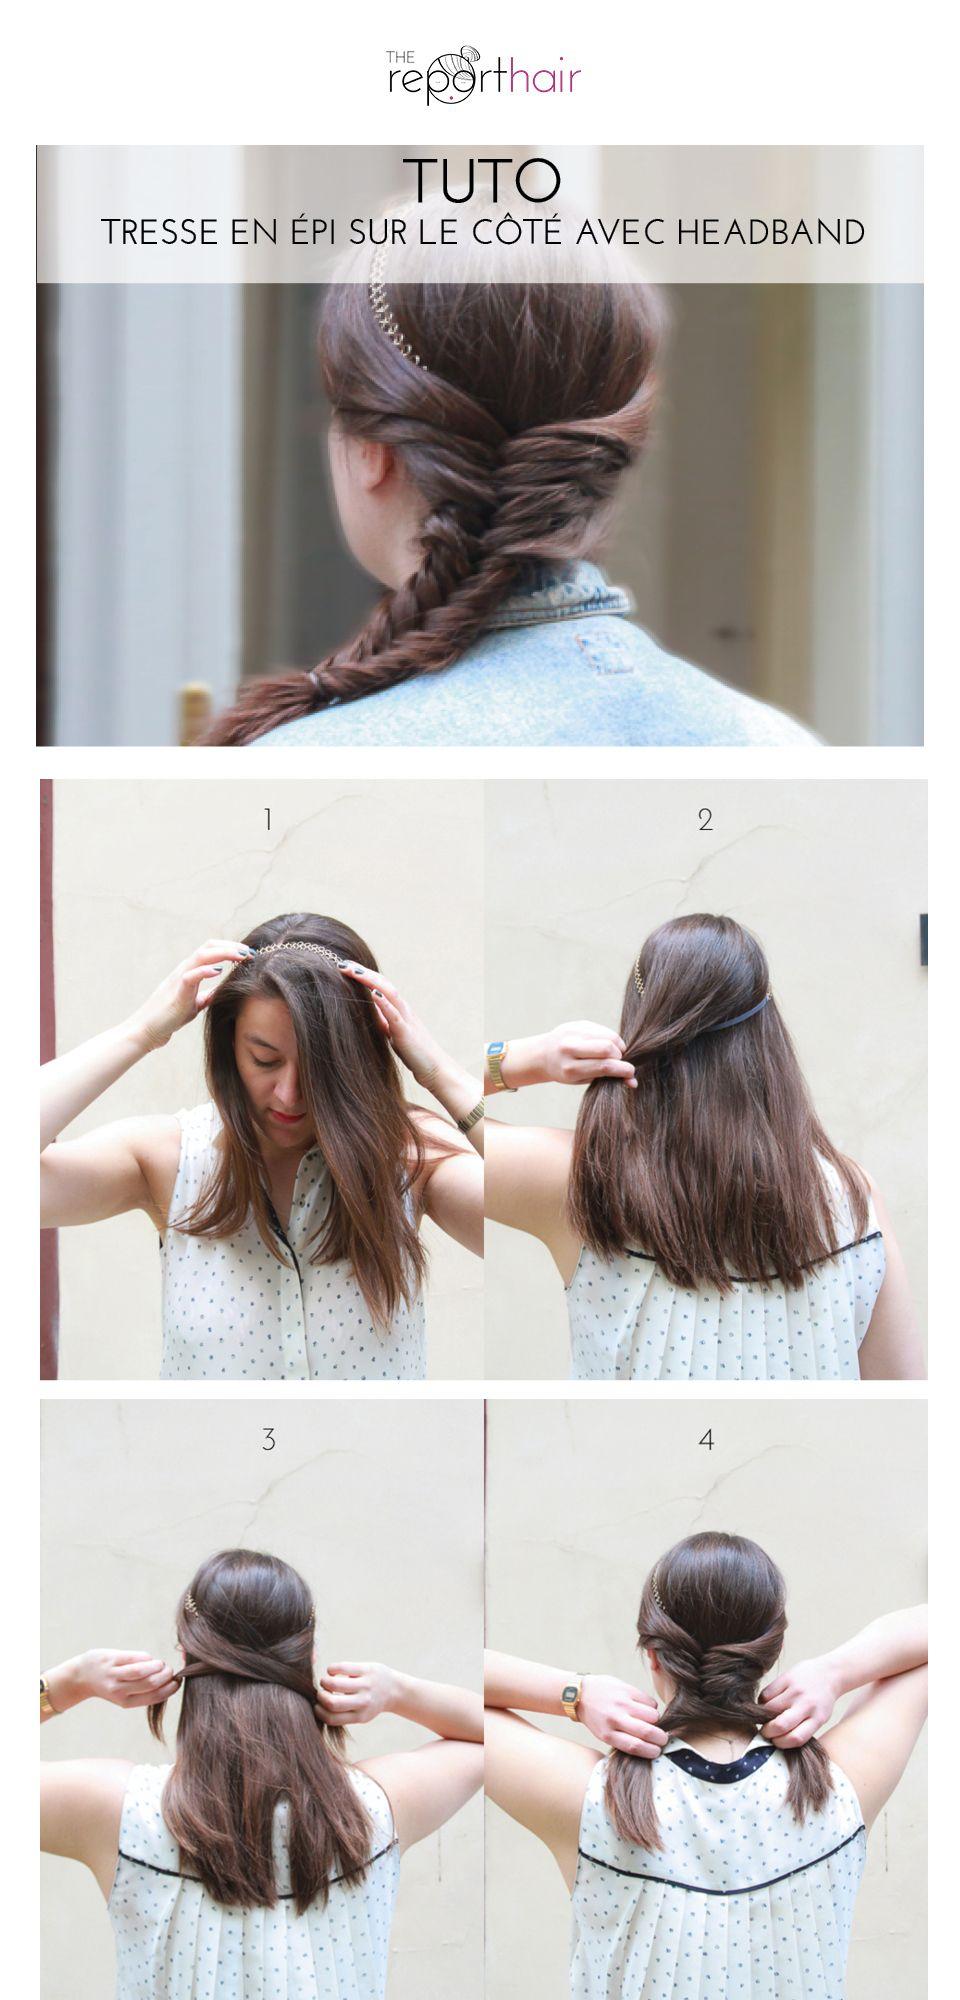 Tresse En Epi Sur Le Cote Avec Headband Pascale Lion Coiffure Coiffure Avec Headband Cheveux